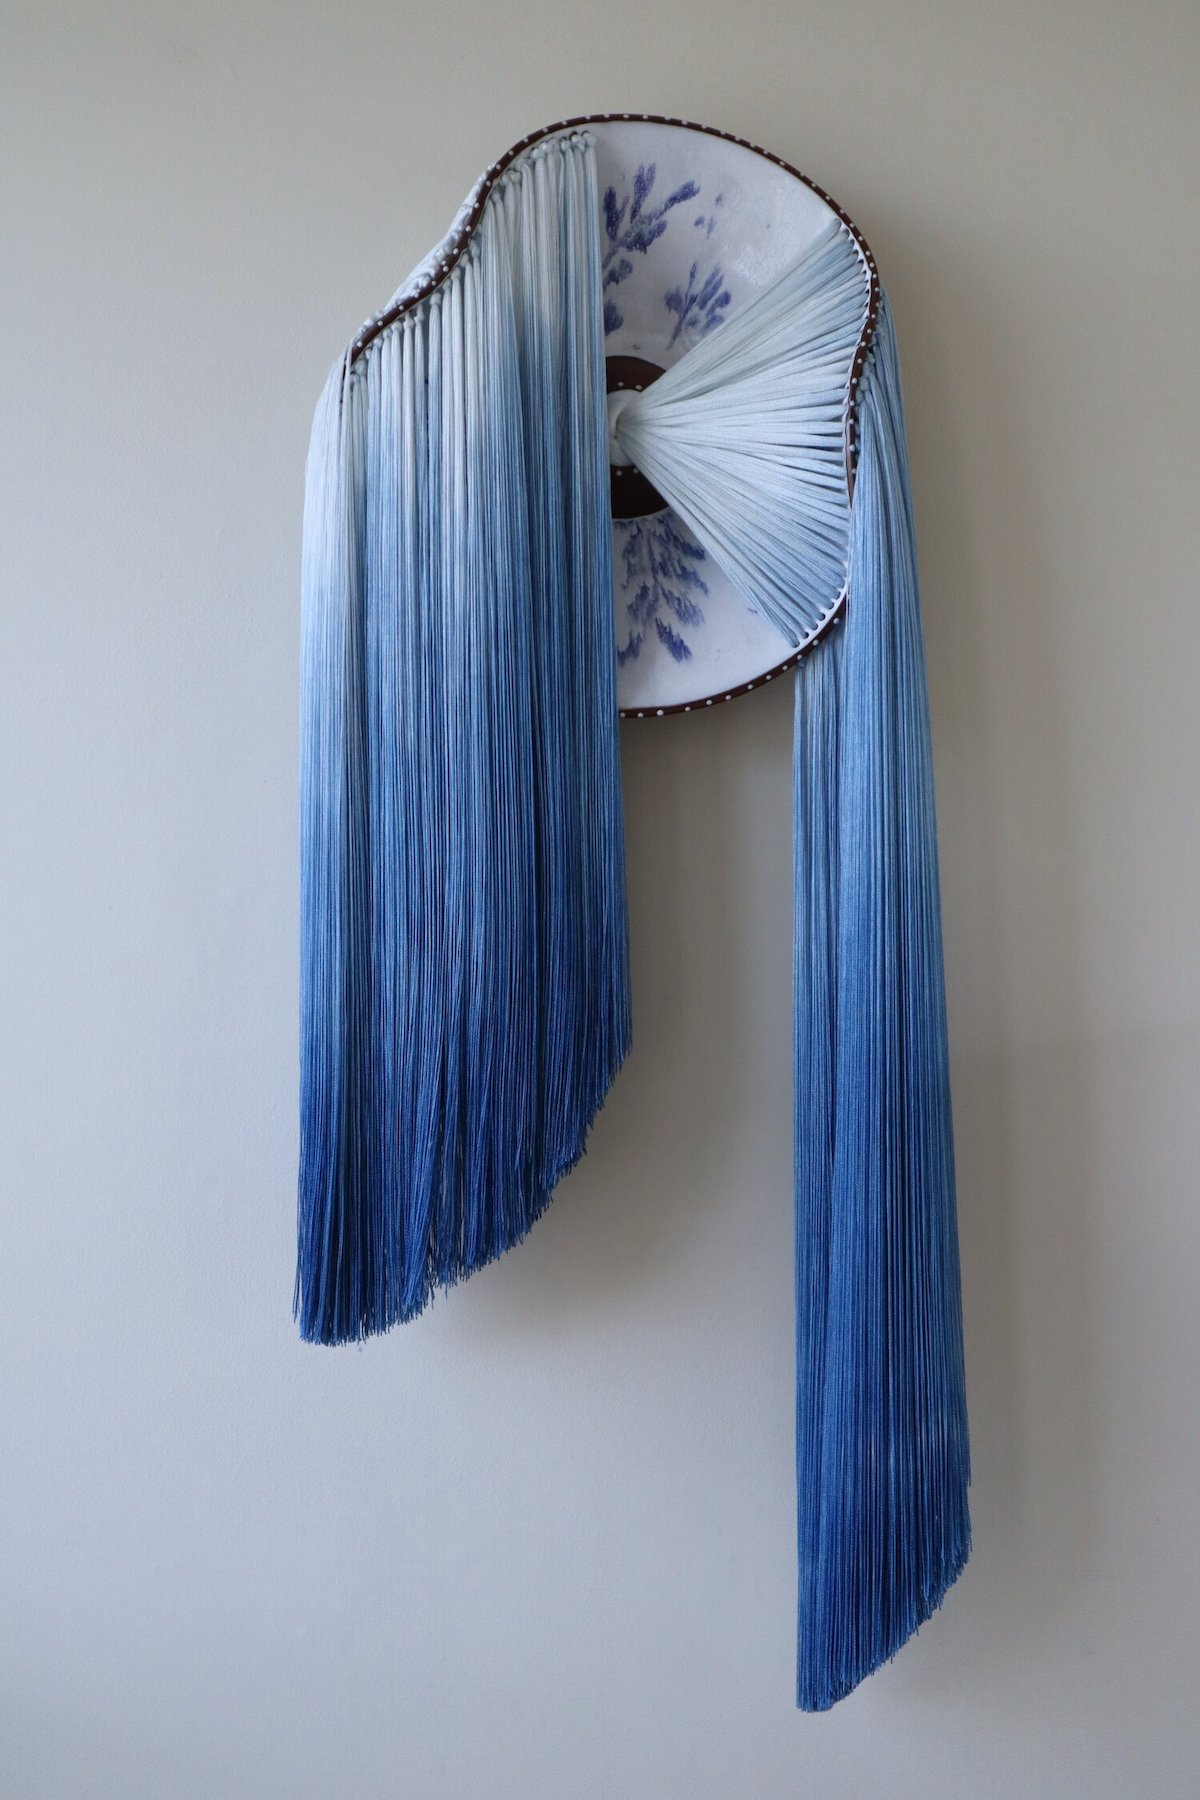 Ceramic Form and Thread Sculpture